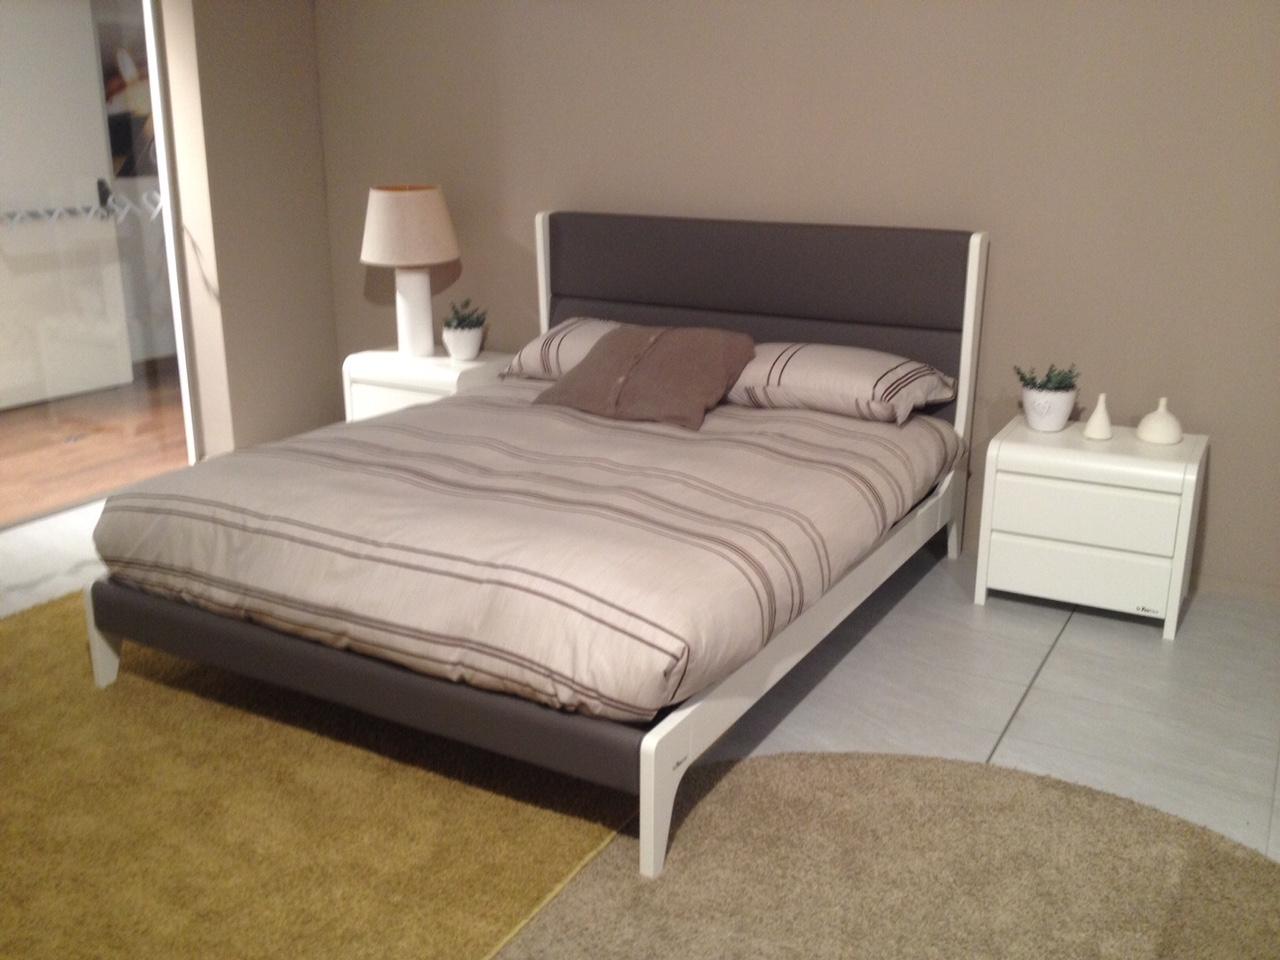 Tessuto tende camera bambini - Le fablier prezzi camere da letto ...